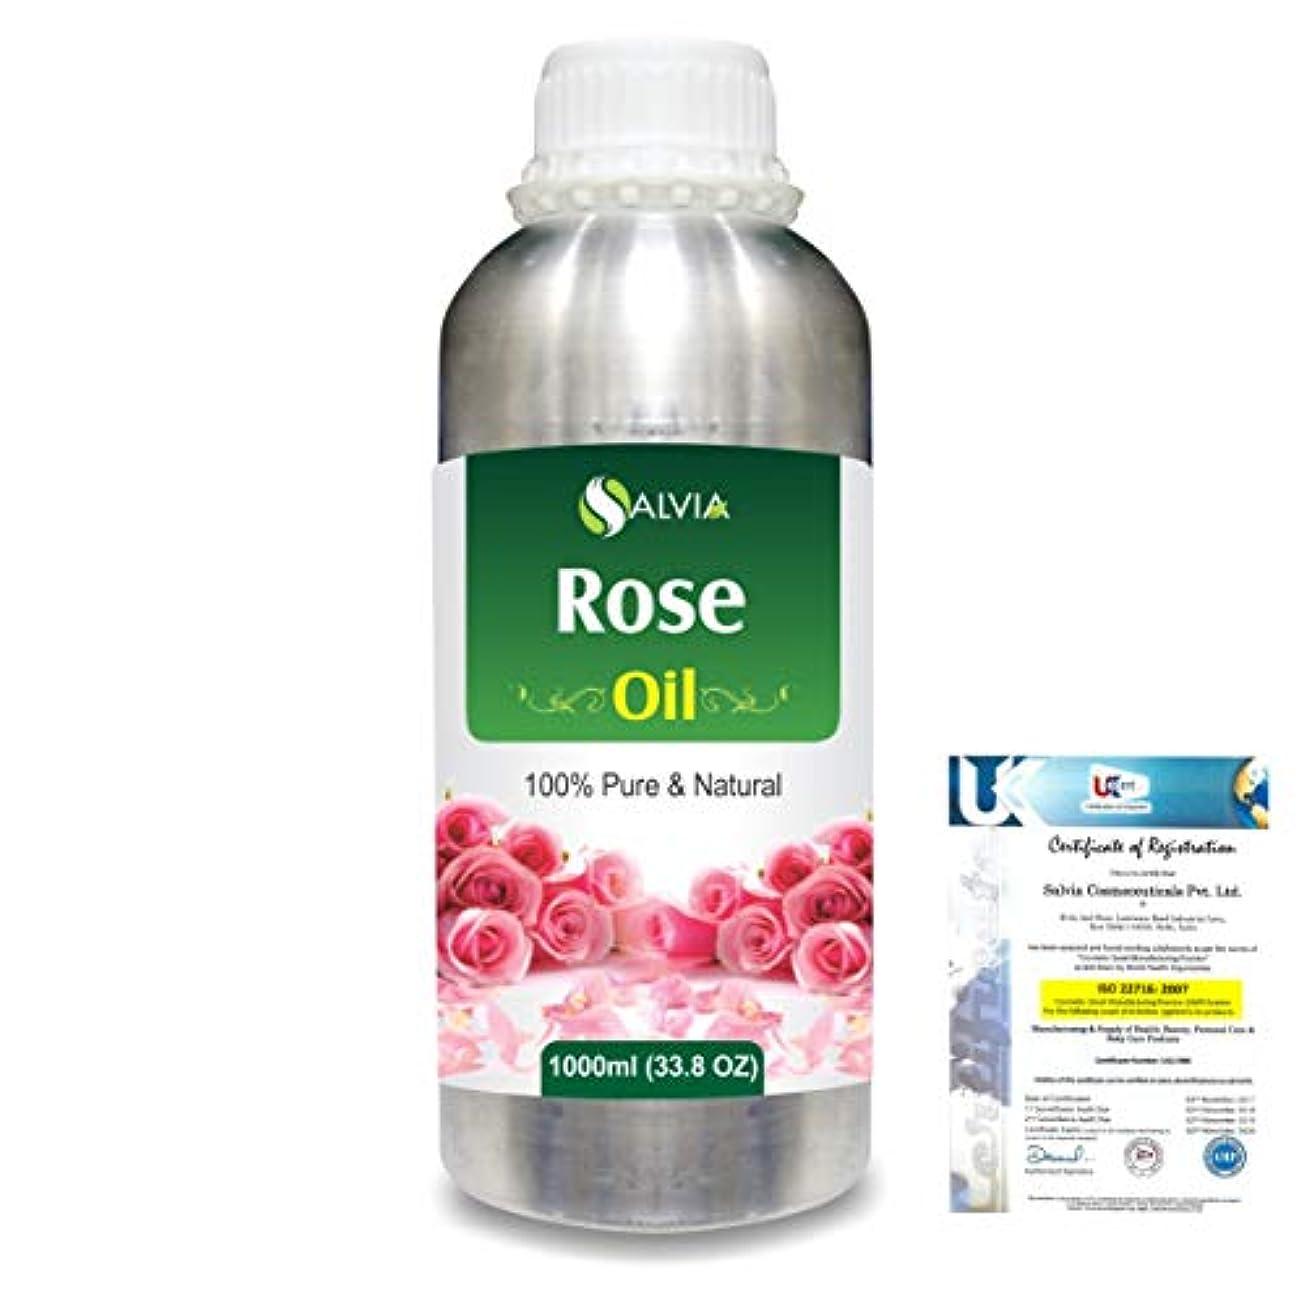 人里離れたギャンブル船尾Rose (Rosa Damacenia) 100% Natural Pure Essential Oil 1000ml/33.8fl.oz.